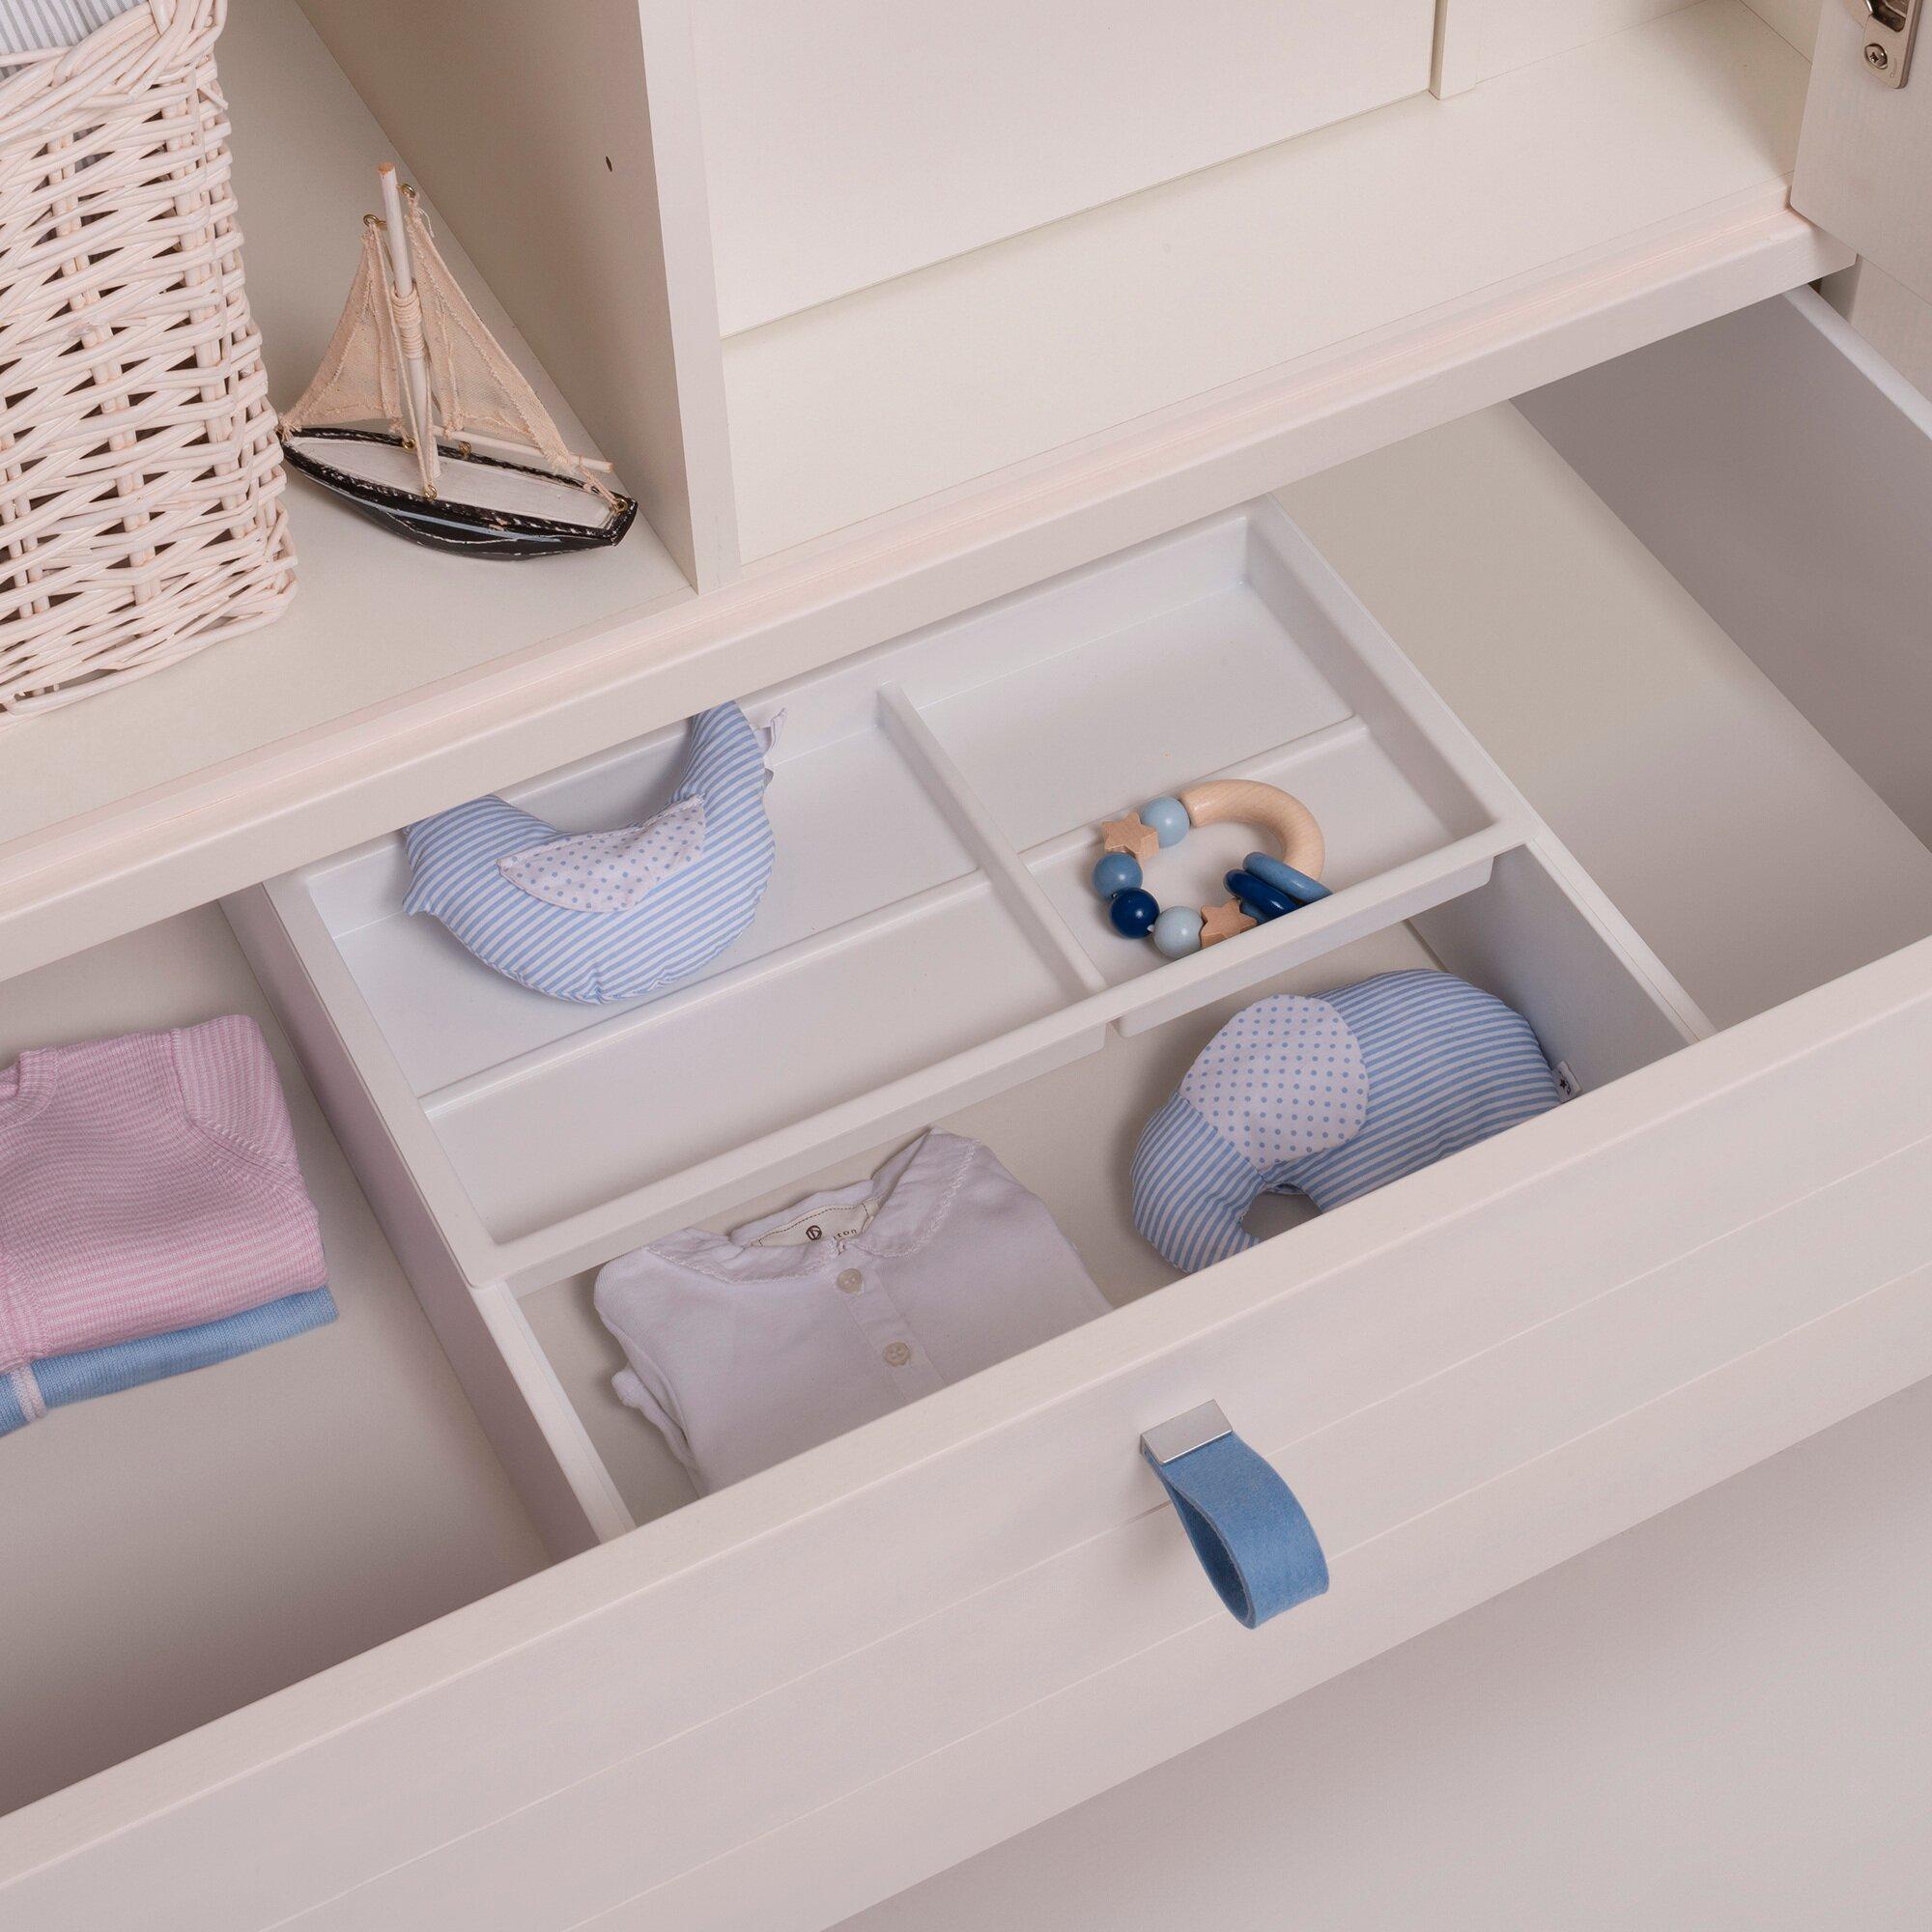 Schubkästen-Set für Kleiderschrank FRIDA & ANTON linke Seite